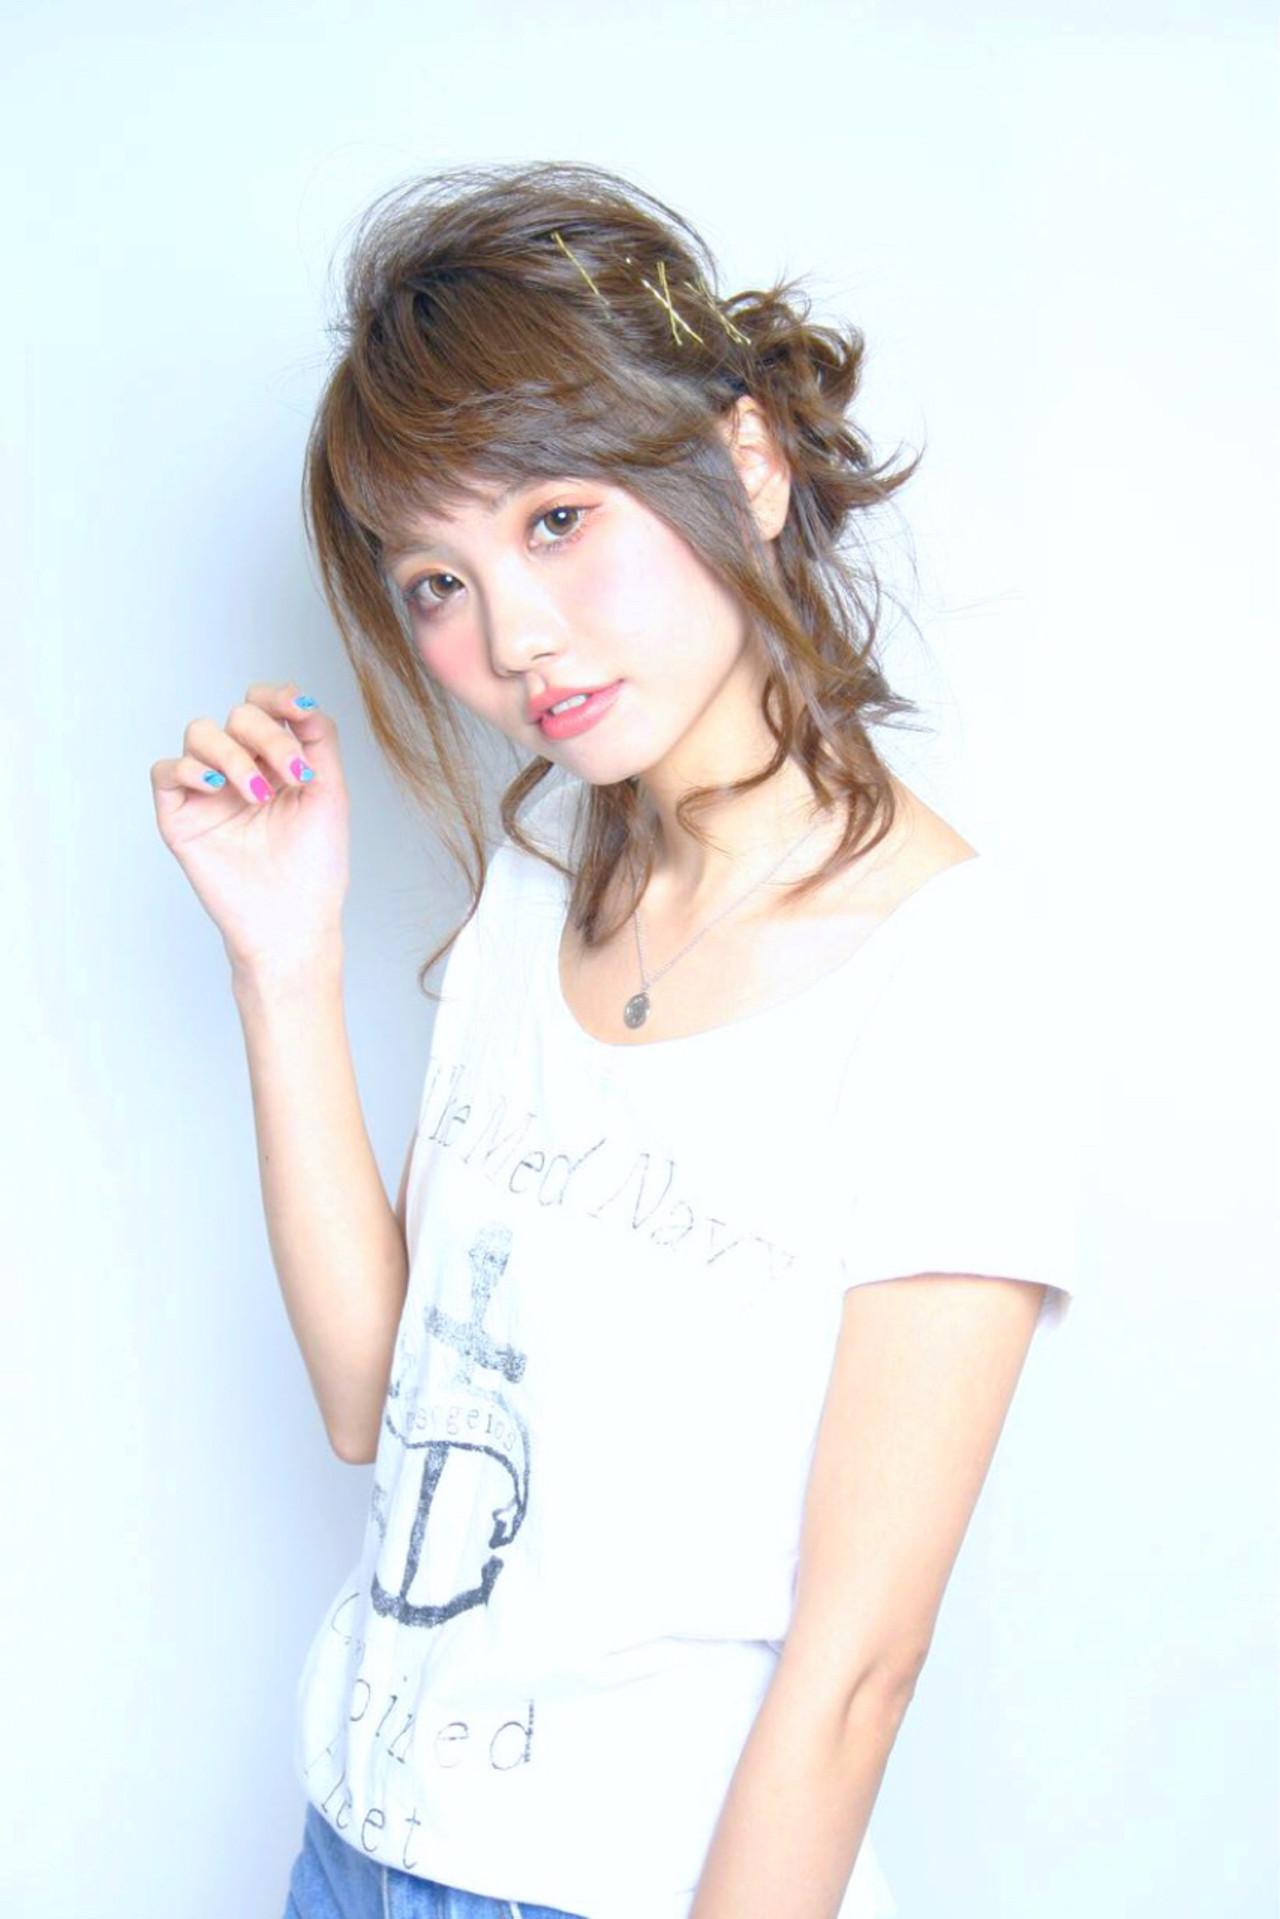 【美容師直伝】ロブがかわいく見える♡おすすめヘアアレンジ集 加藤 明生  美容室ISA